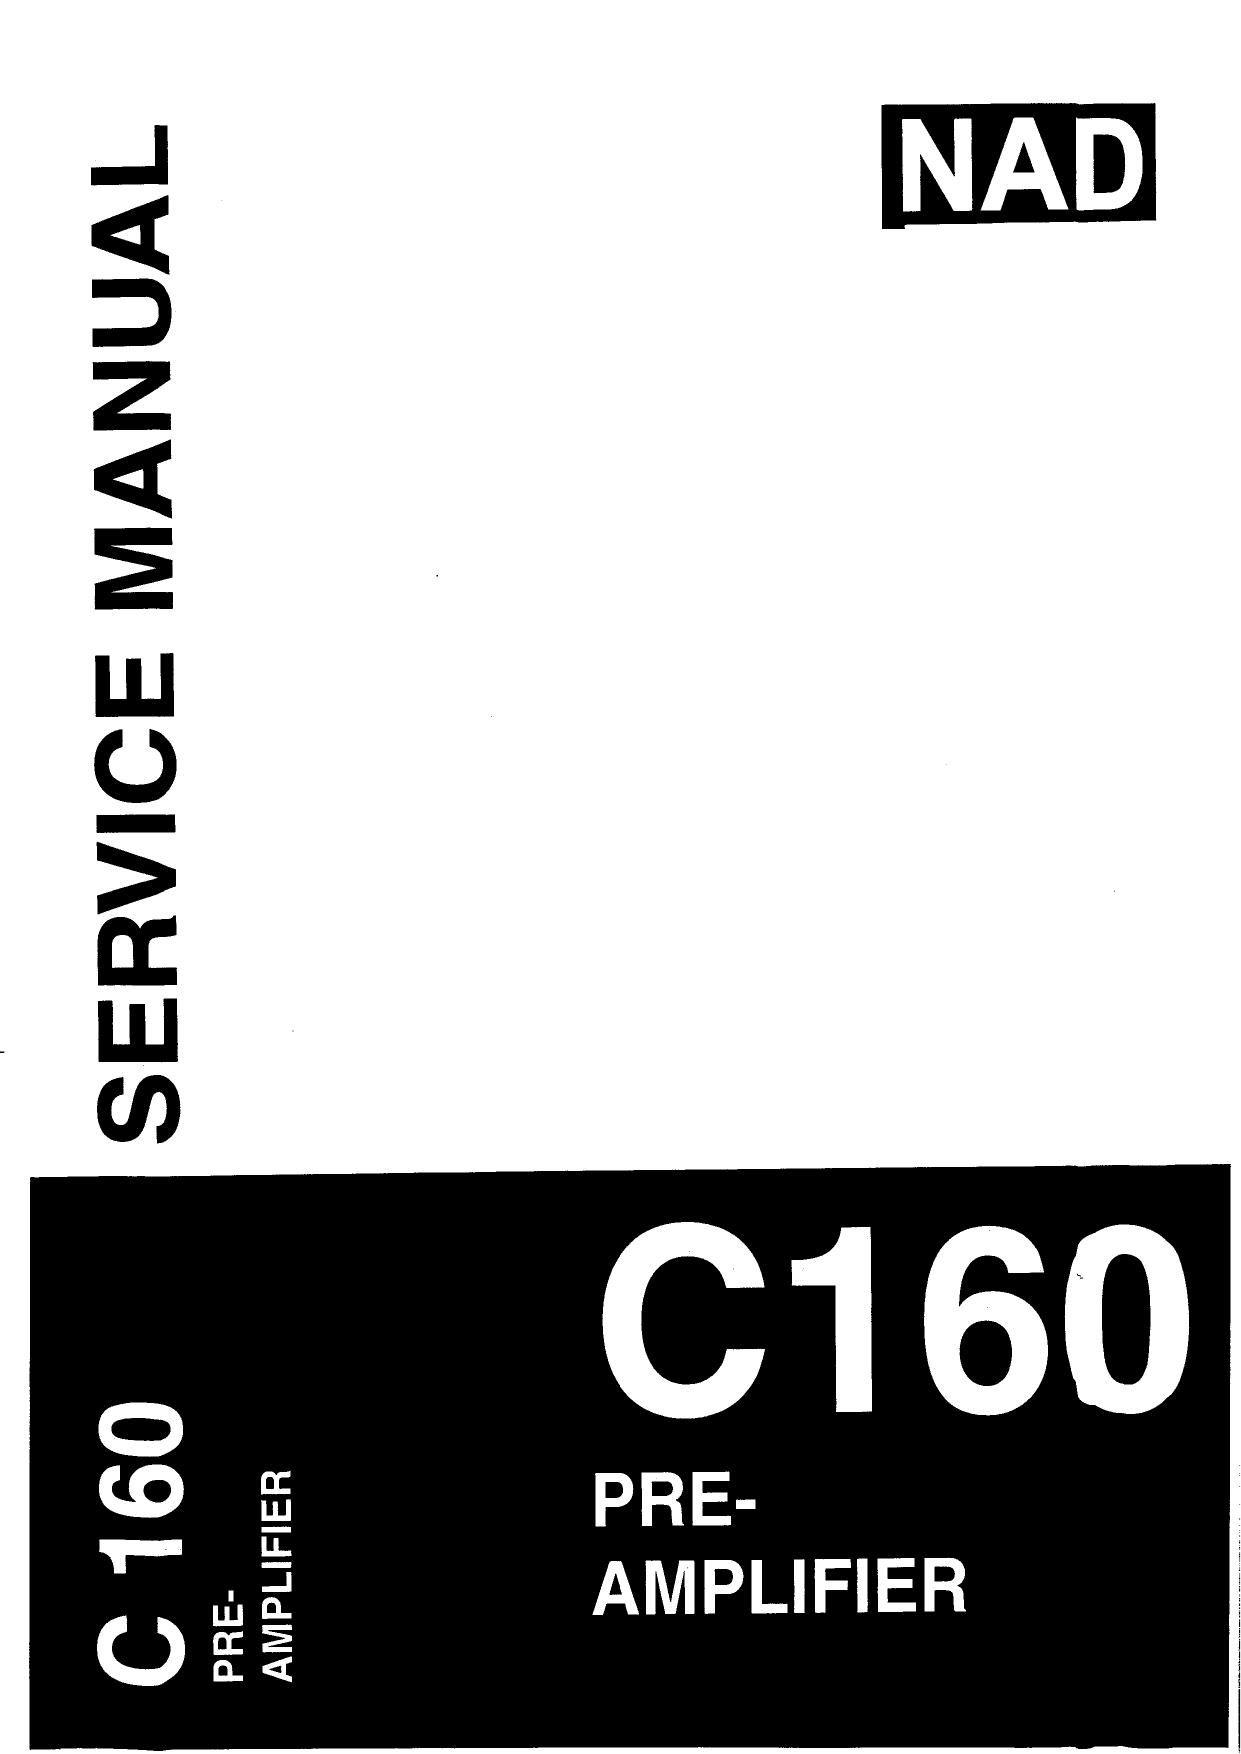 nad c 160 service manual rh audioservicemanuals com olympus camedia c-160 manual olympus camedia c-160 manual